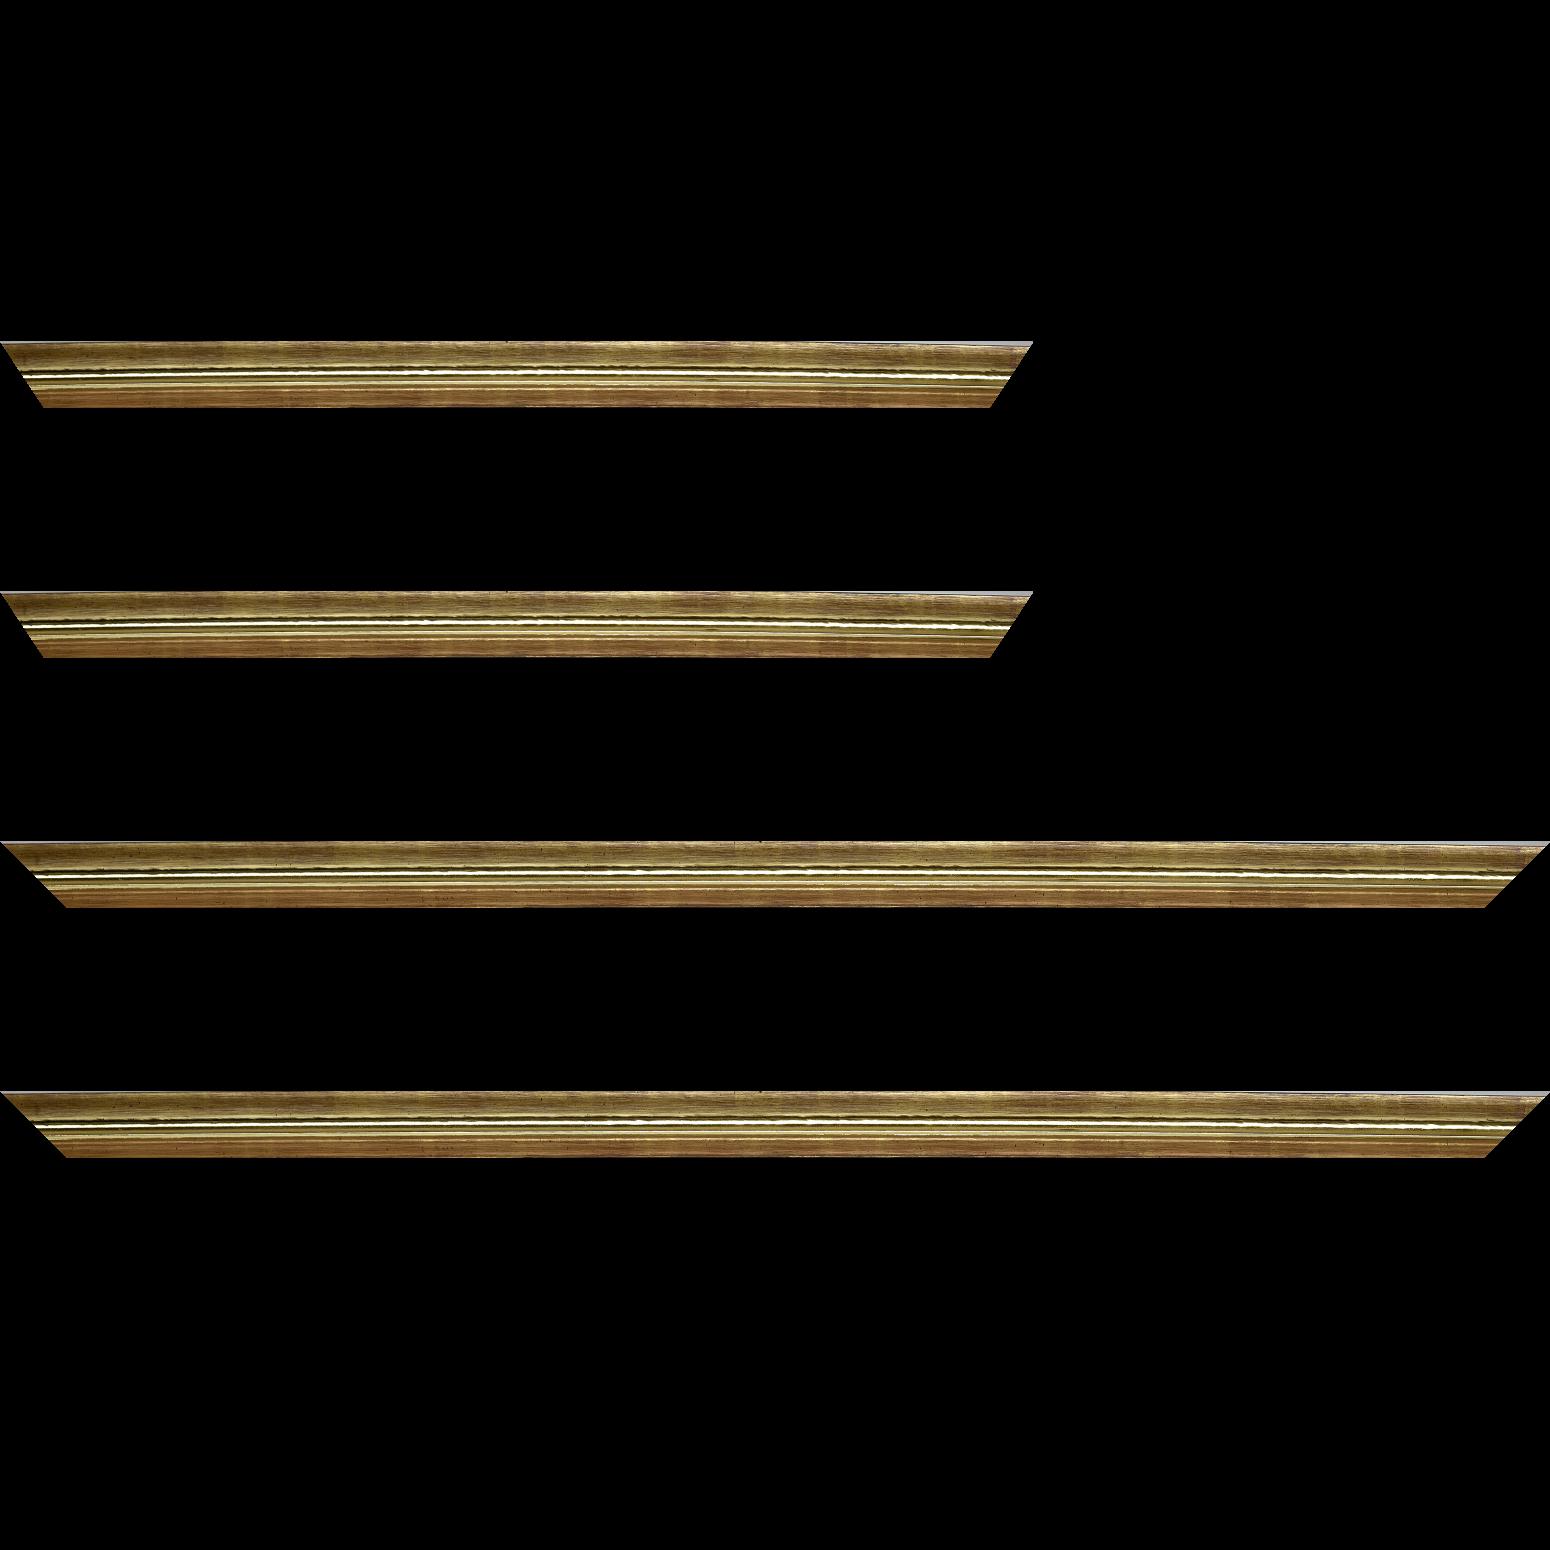 Baguette service précoupé Bois profil incurvé largeur 2cm couleur or coté extérieur foncé. finition haut de gamme car dorure à l'eau fait main